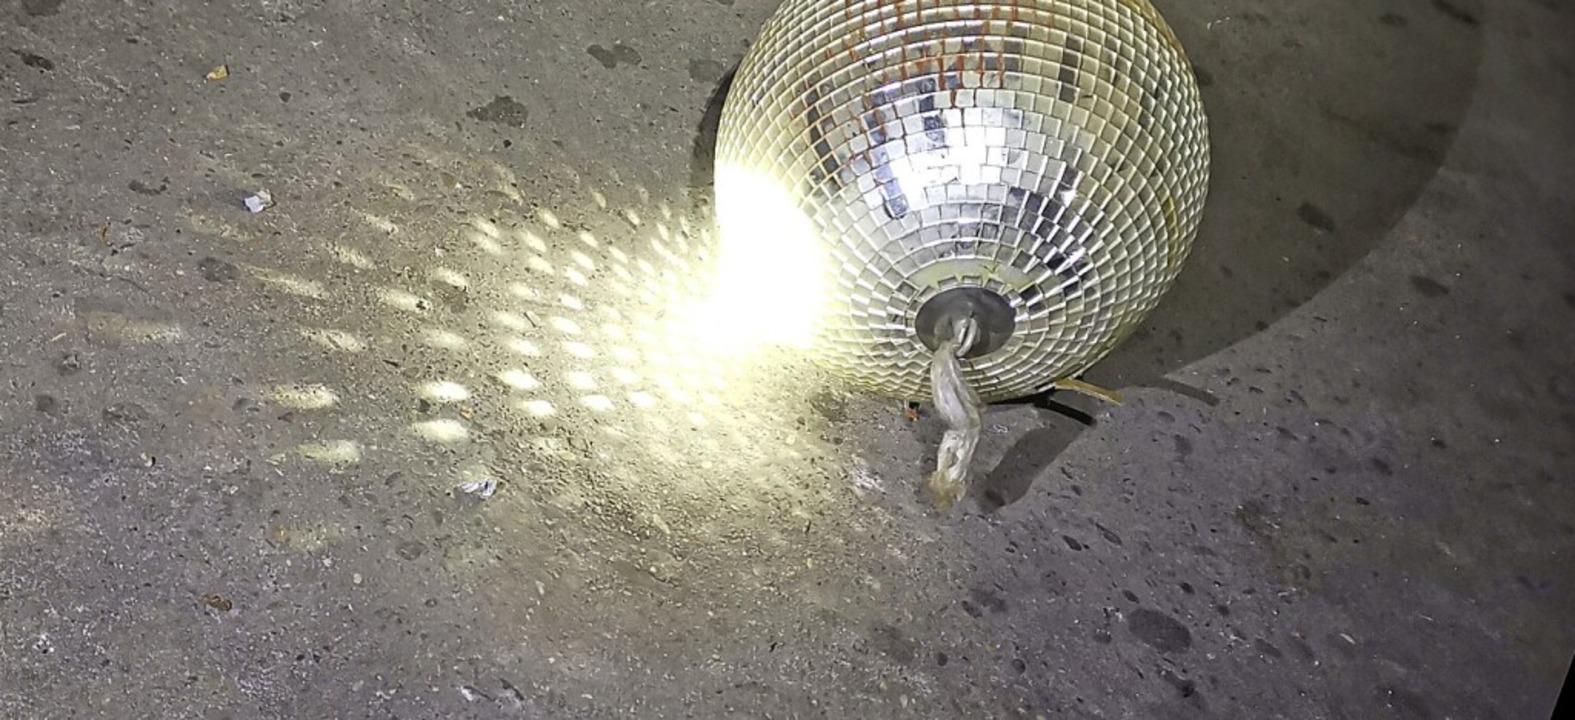 Diese Discokugel liegt im früheren Sudhaus der Brauerei auf dem Boden.    Foto: Patrik Müller